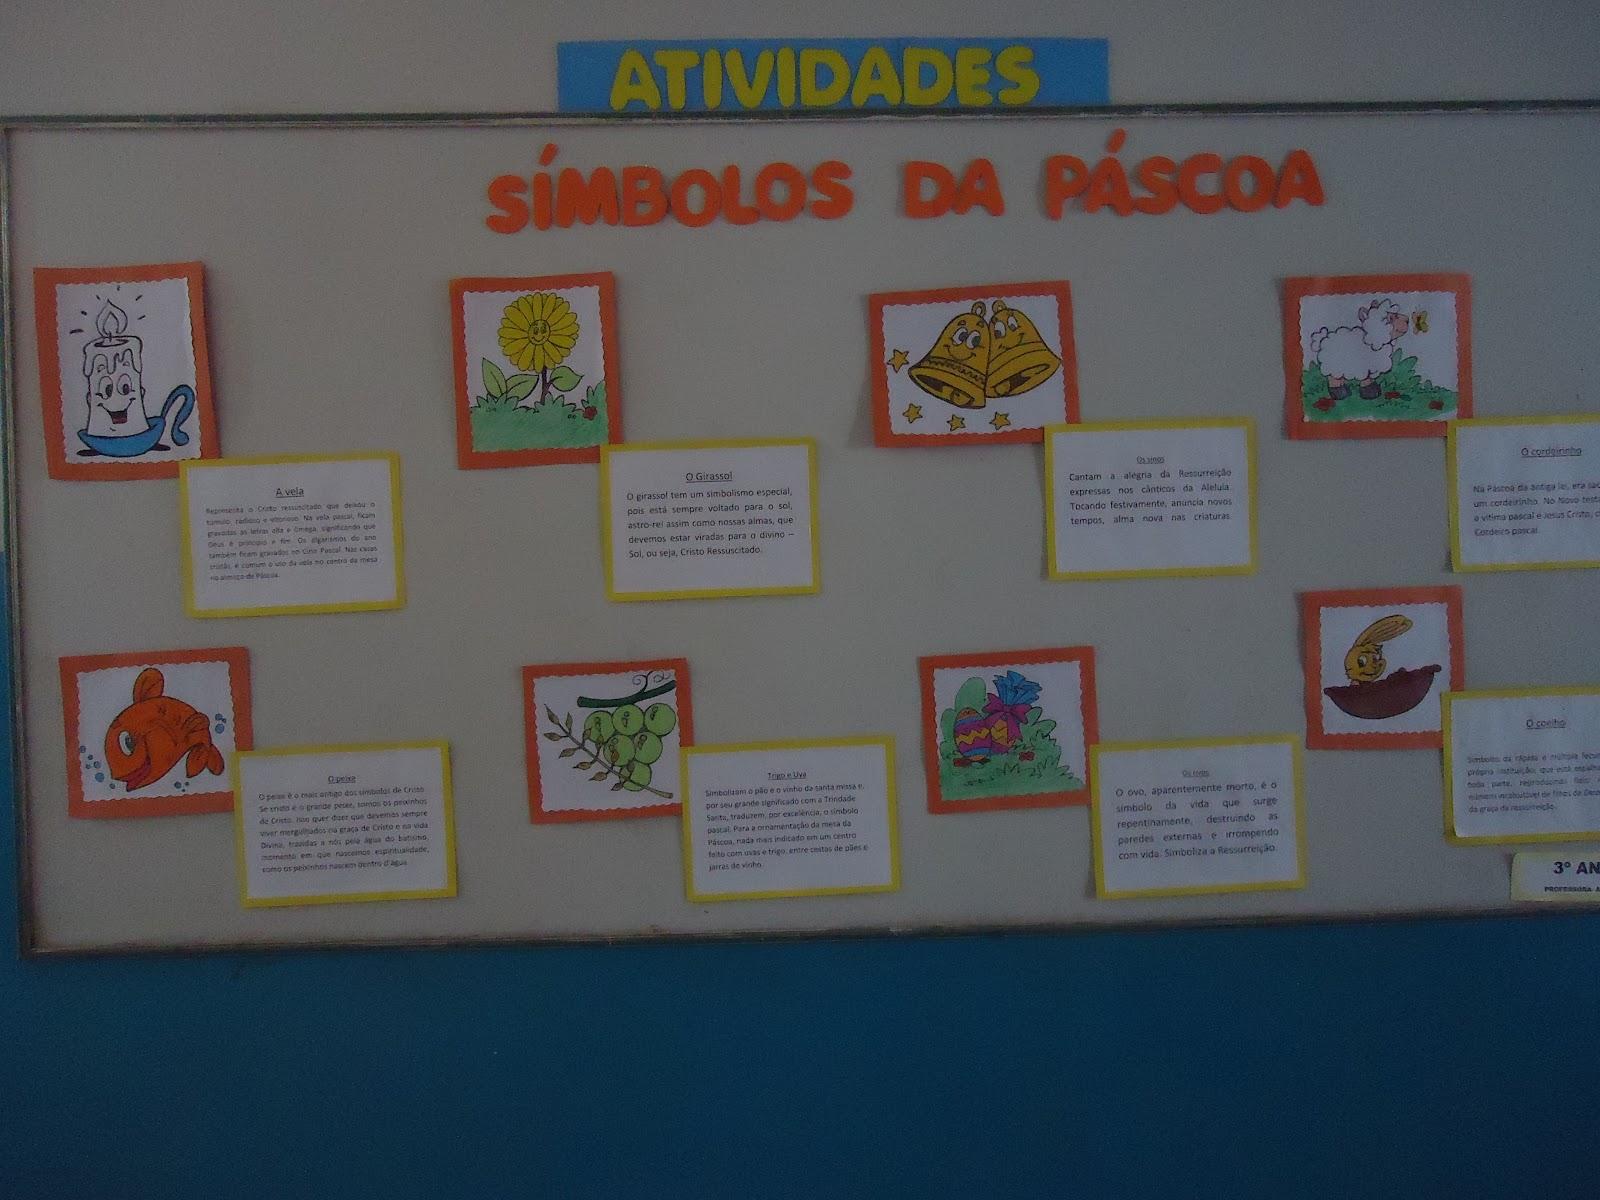 Centro educacional gera o 2000 murais da p scoa todas for Mural de natal 4 ano